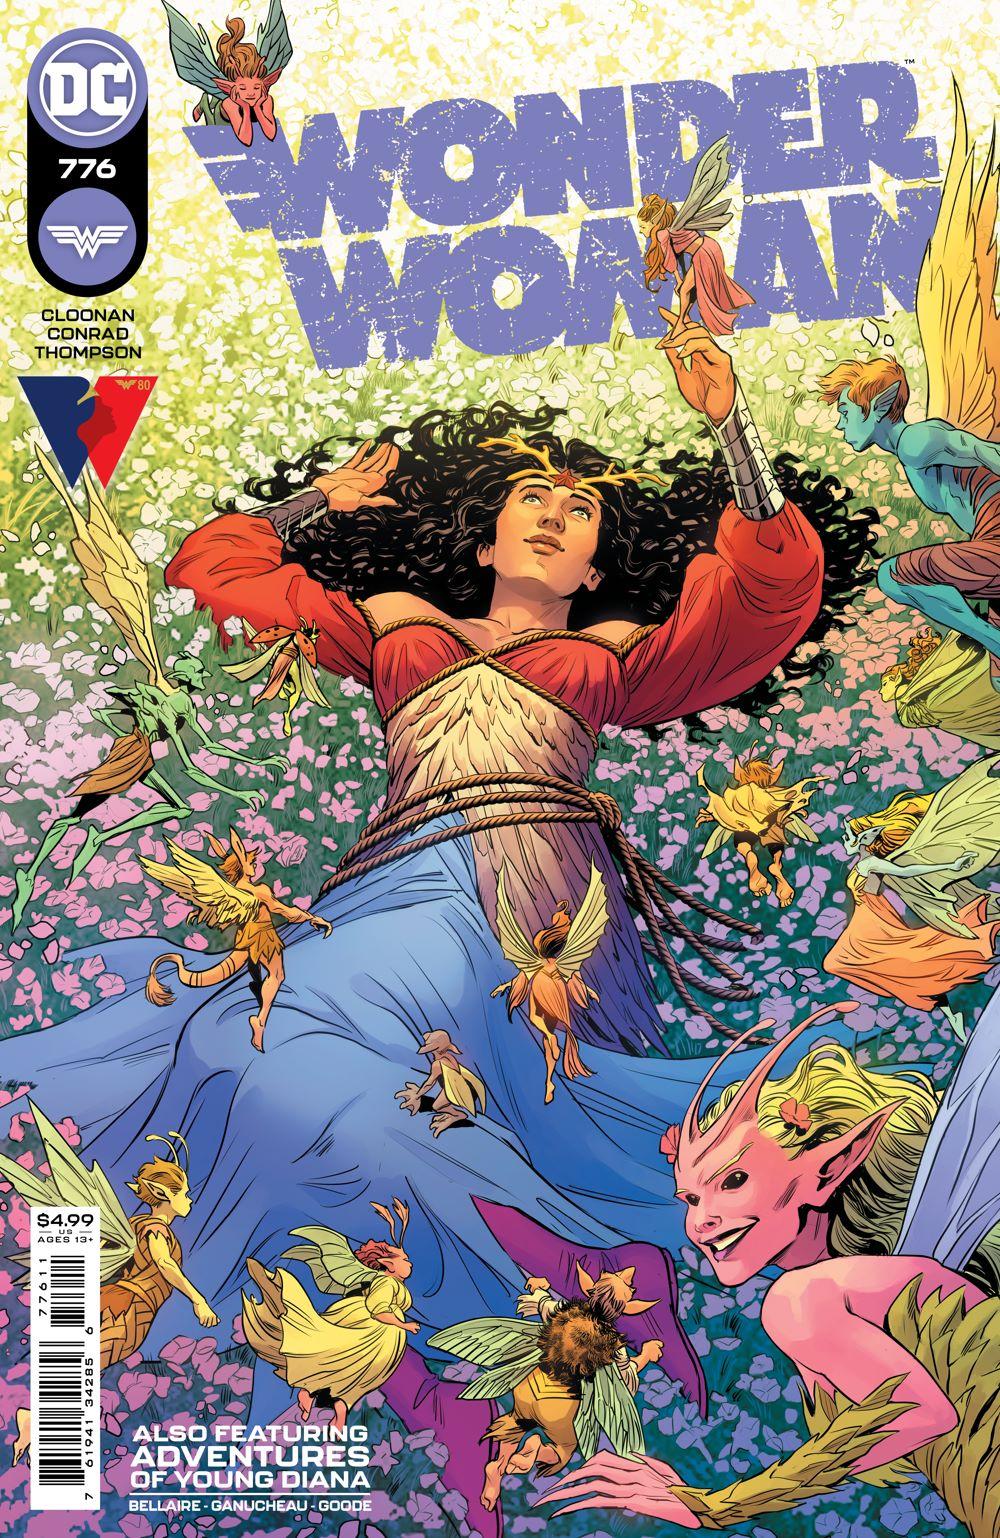 WONDERWOMAN_Cv776 DC Comics July 2021 Solicitations